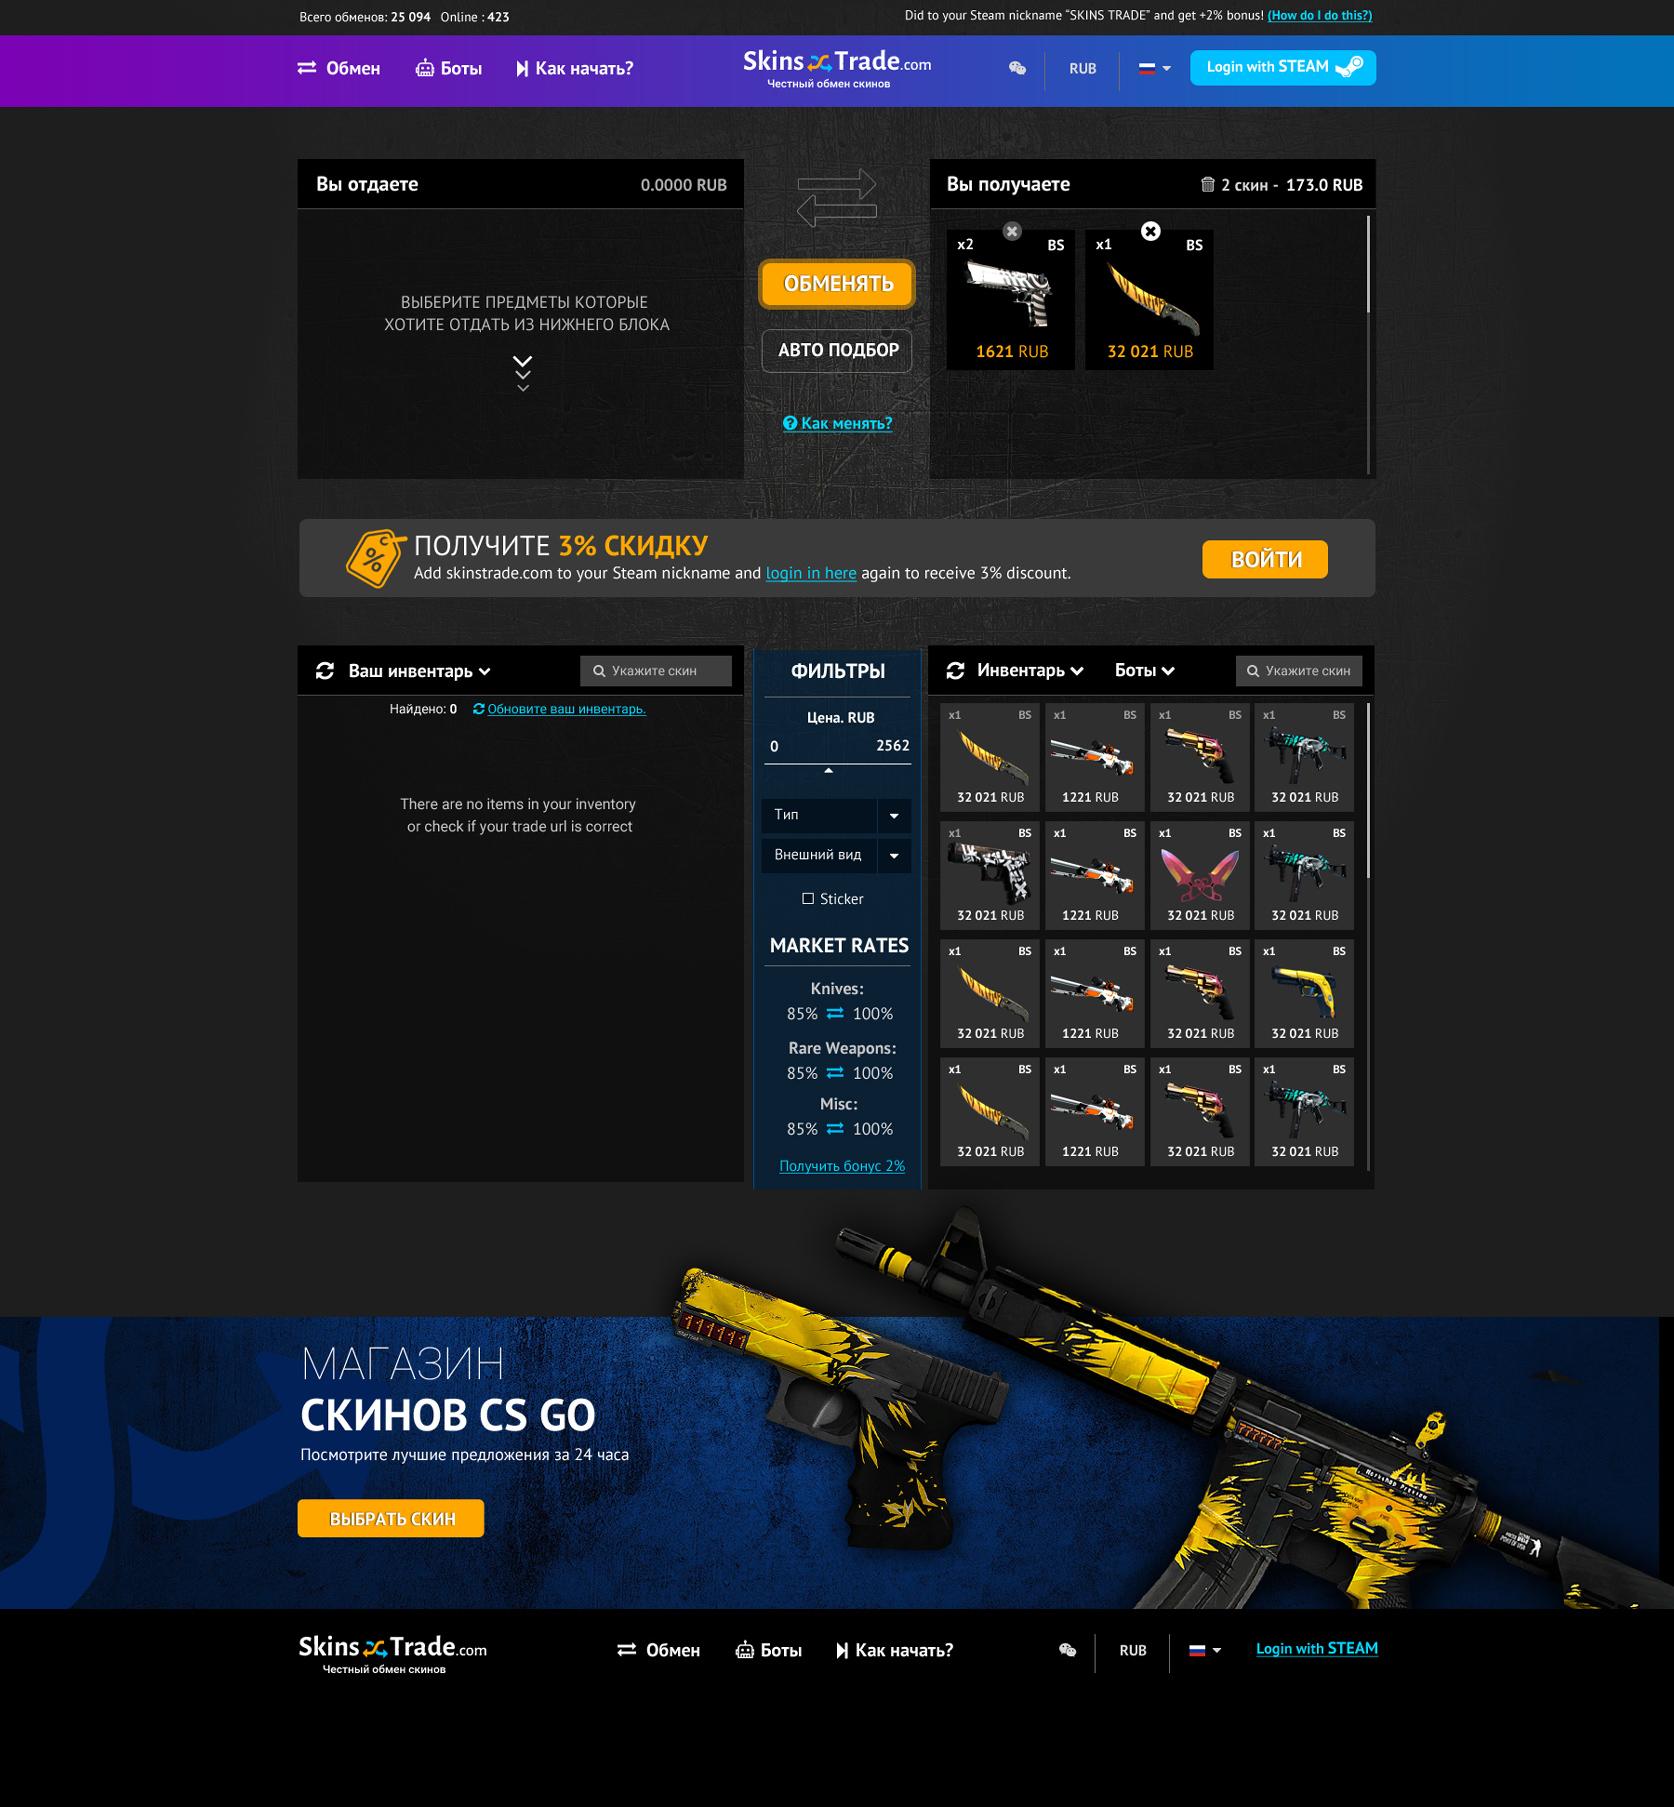 Дизайн игрового сайта CS:GO фото f_902596c542b413a6.jpg